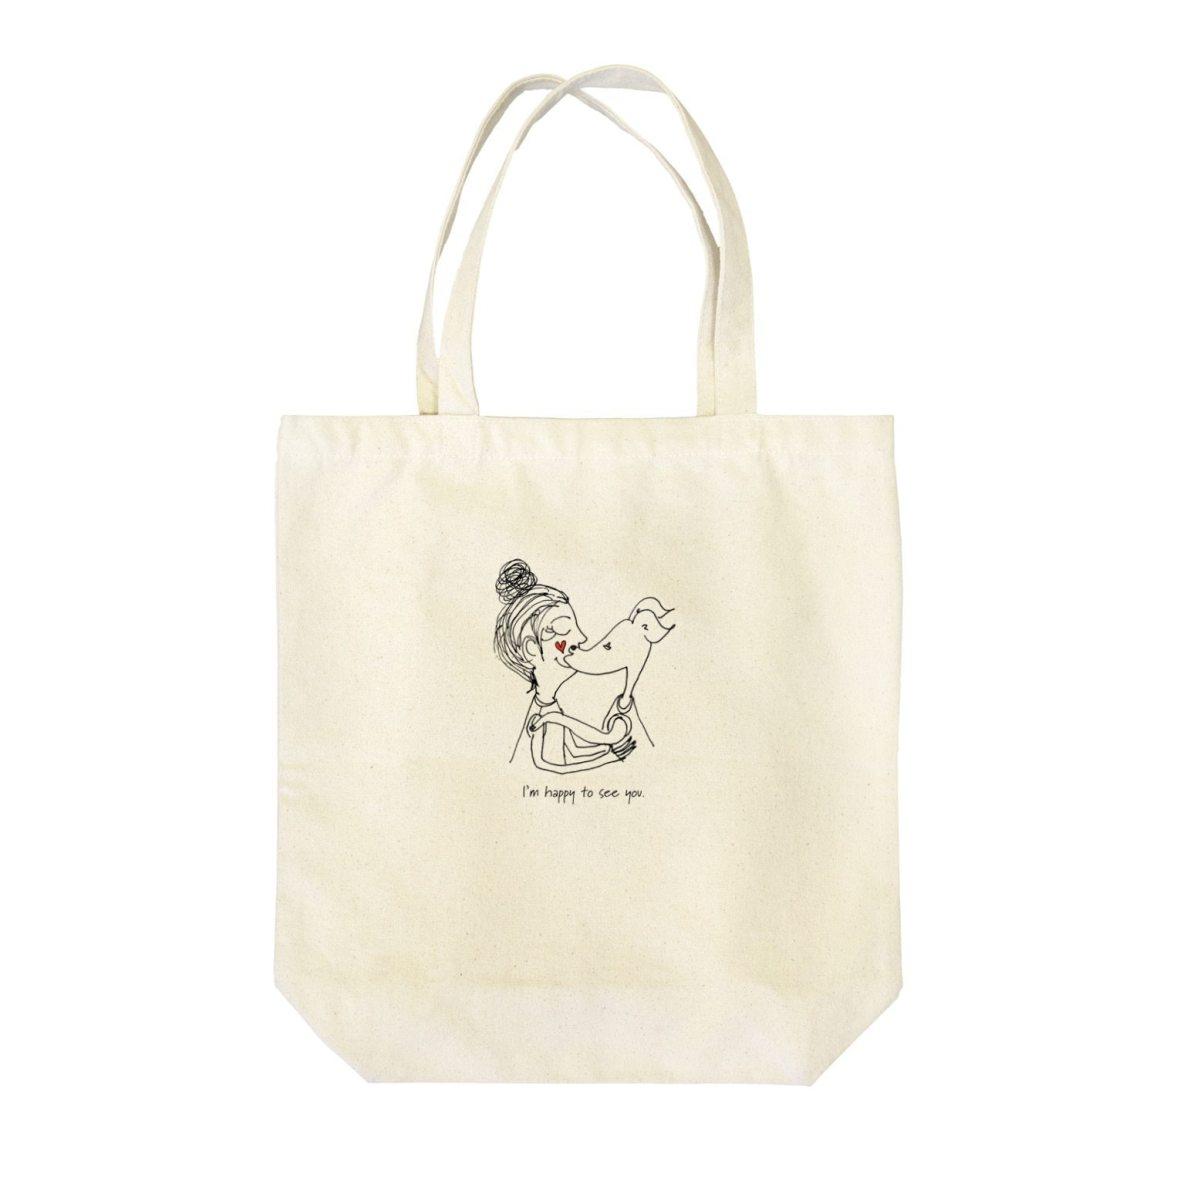 イタグレ服、ミニピン服、ウィペット服、サルーキ服、犬服・犬寝袋・雑貨の通販|&i.|イタグレの暮らし・グッズ・Tシャツ・小物・イタグレ服・ブログ